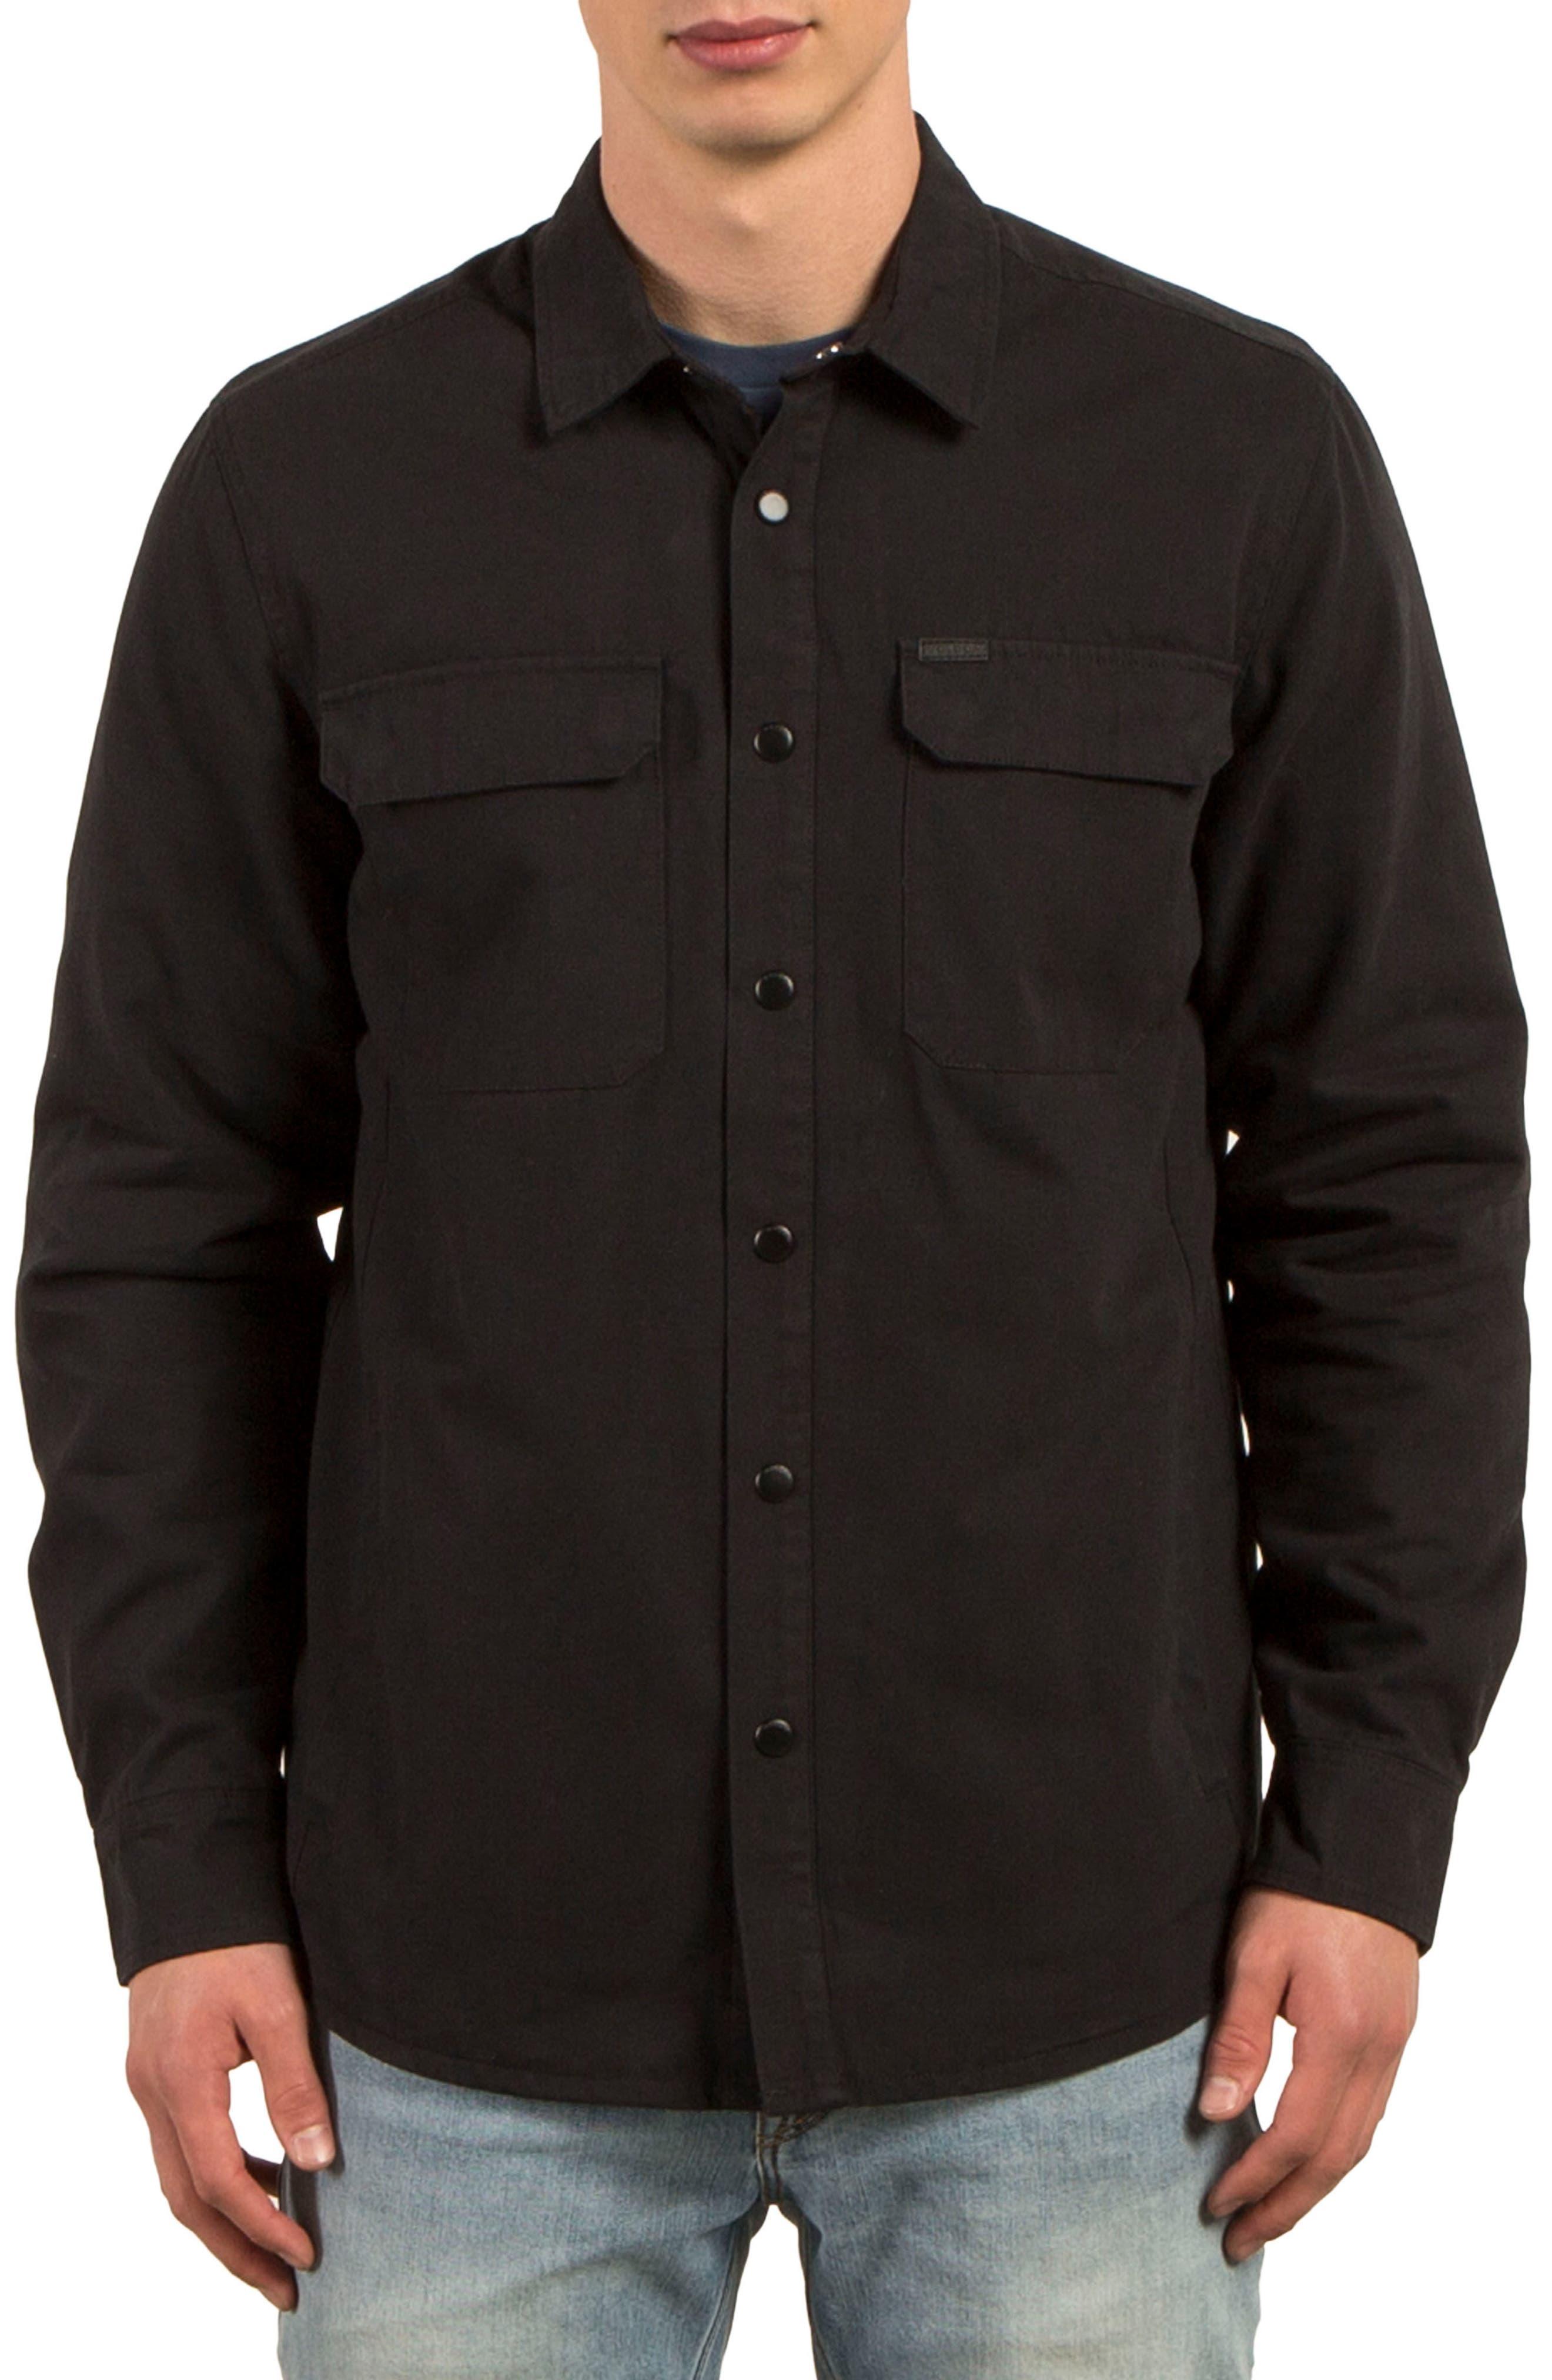 Larkin Classic Fit Jacket,                         Main,                         color,